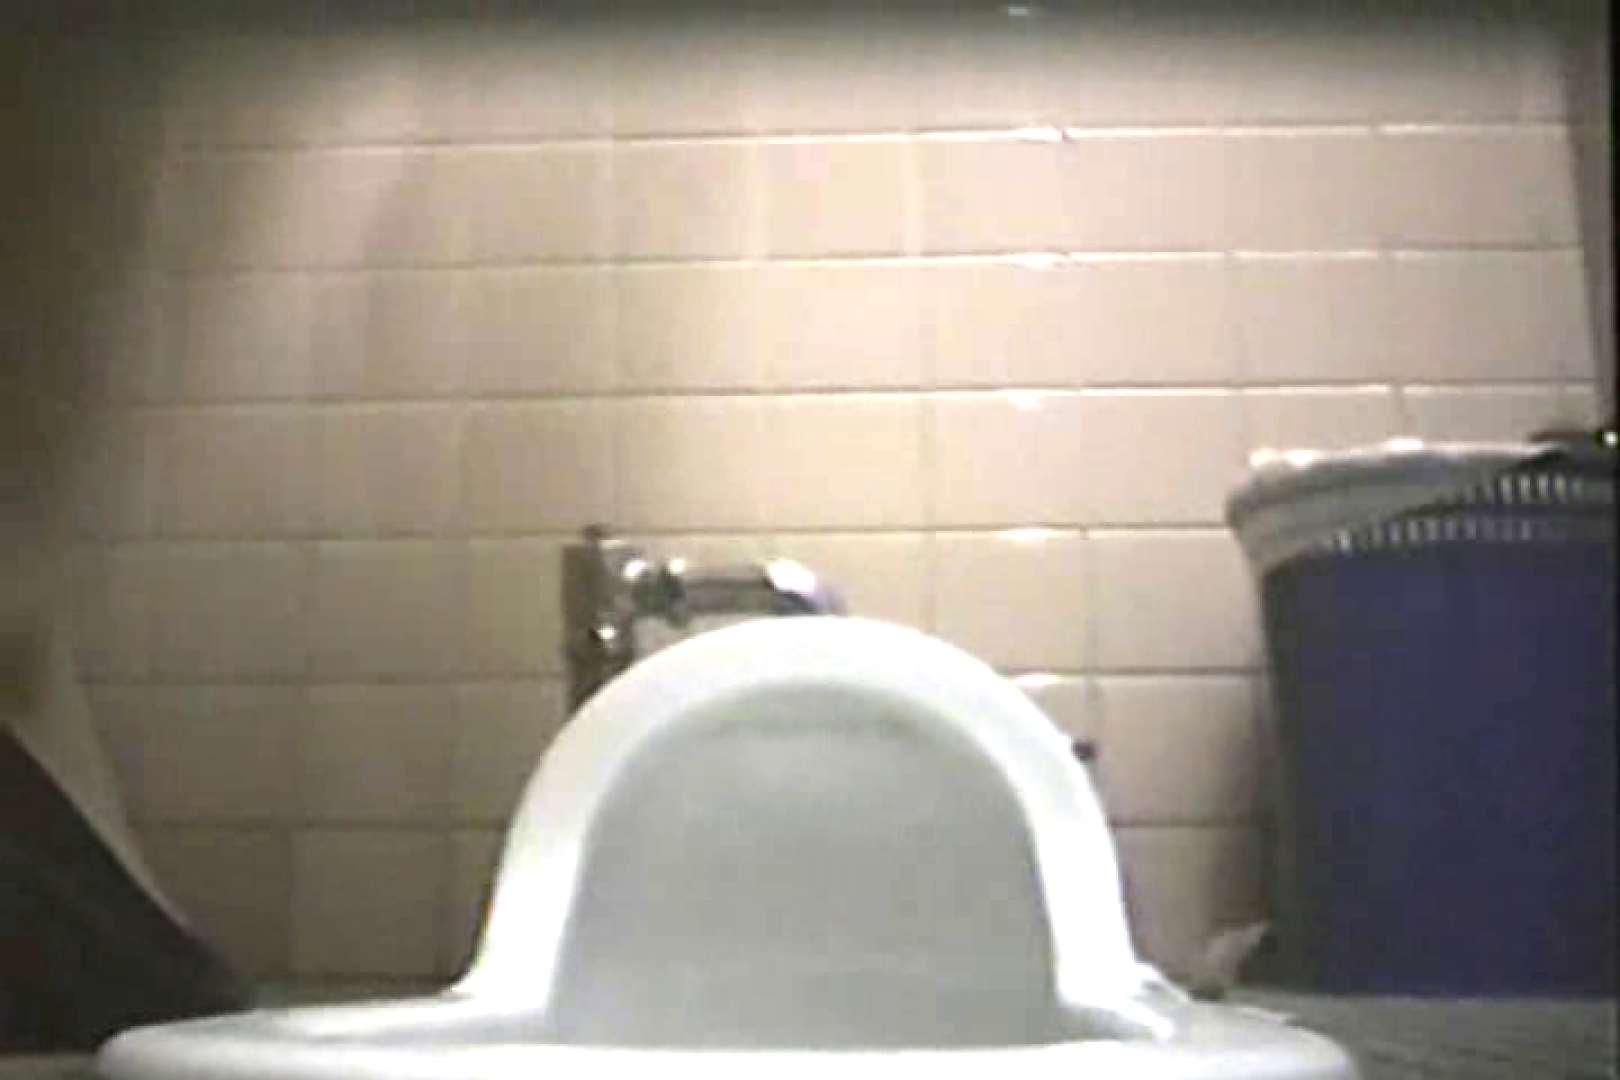 プロには撮れない女子洗面所の内部 TK-70 下半身 セックス画像 101pic 99